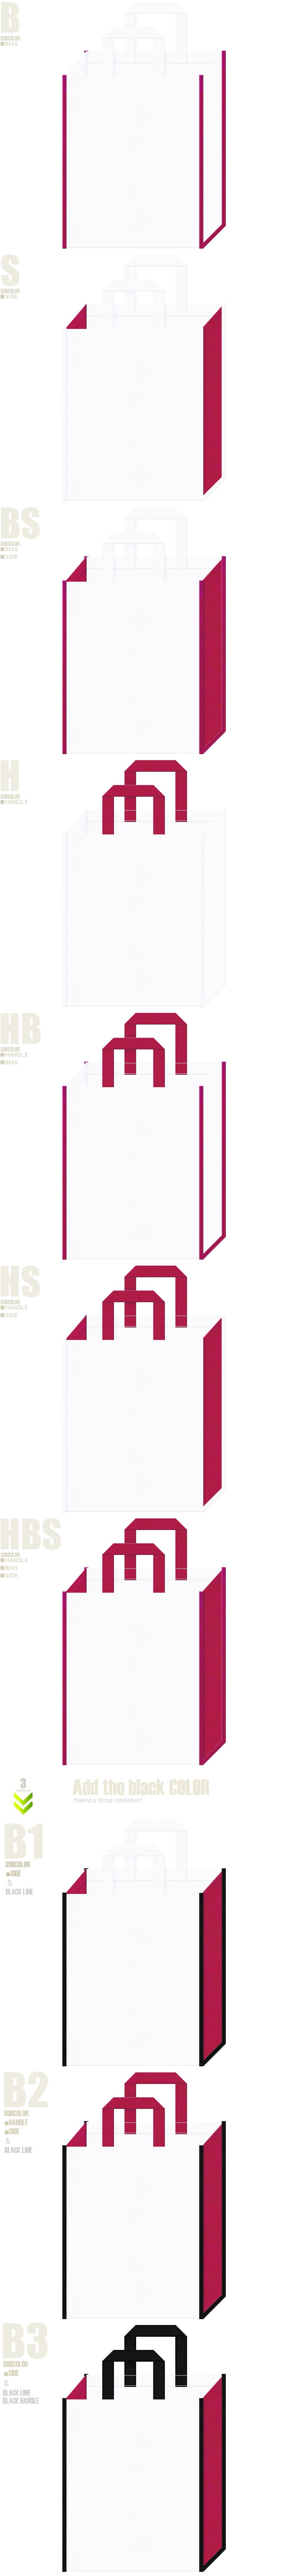 展示会用バッグ・スポーツイベント・スポーツ用品・ロボット・病院・看護士研修・医療機器・看護学部・女子学校・女子学園・オープンキャンパスにお奨めの不織布バッグデザイン:白色と濃いピンク色のコーデ10パターン